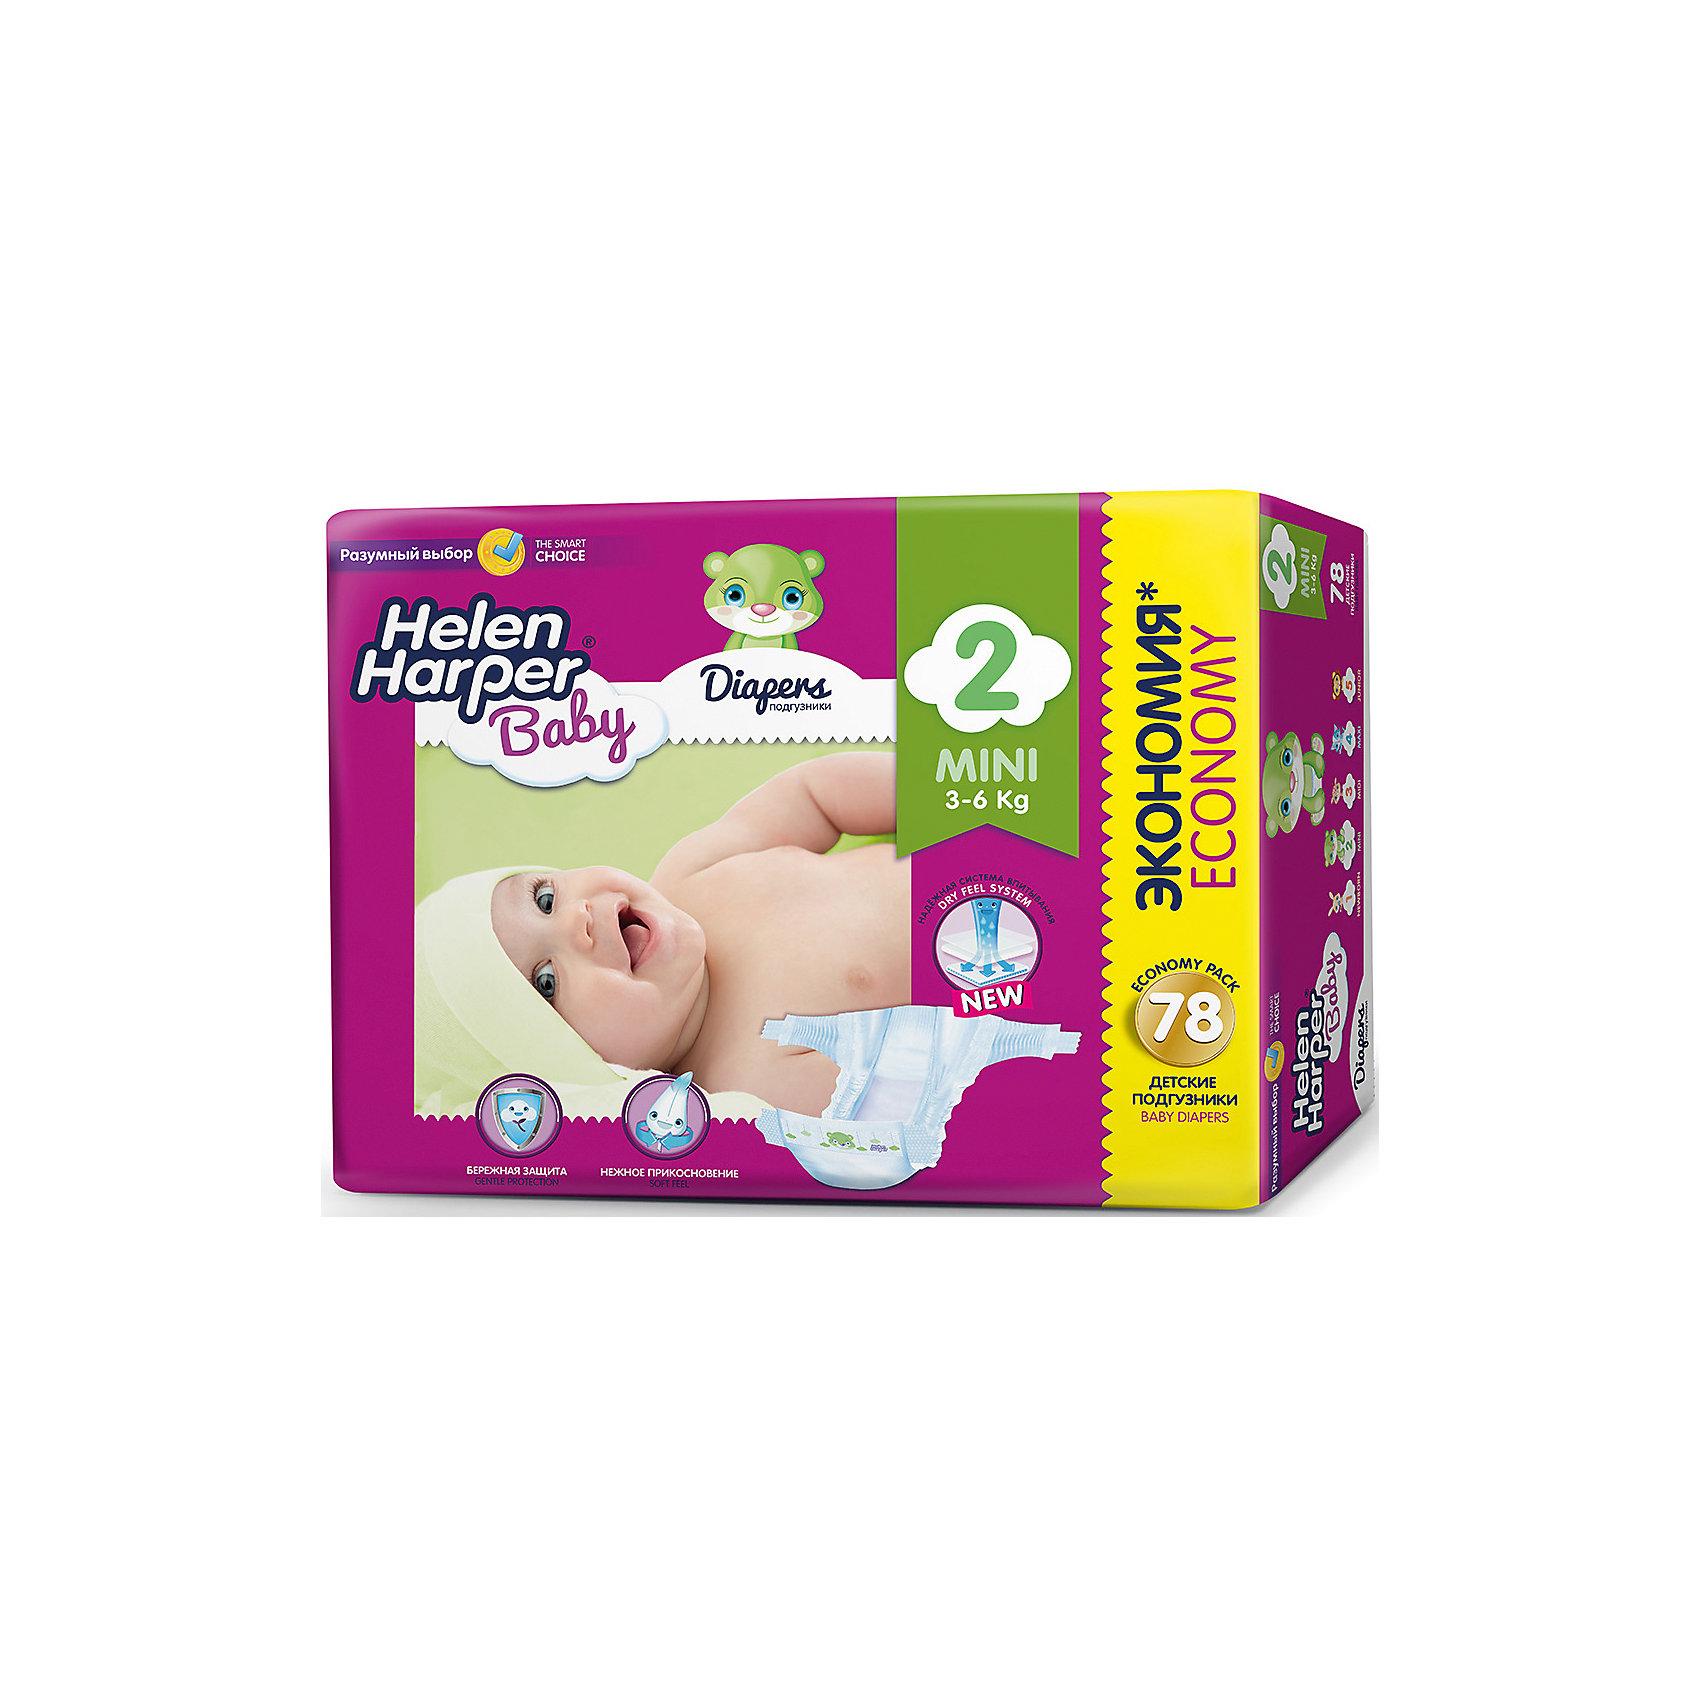 Подгузники Mini Helen Harper Baby 3-6 кг., 78 шт.Детские подгузники Helen Harper Baby отличаются красочным дизайном и превосходным качеством. Они выполнены из гипоаллергенного дышащего материала без отдушек и ароматизаторов, имеют многоразовые застежки-липучки с пониженным уровнем шума. Уникальная система впитывания надежно удерживает жидкость внутри подгузника, превращая ее в гель и защищая от протеканий. Мягкий внутренний слой препятствует возникновению раздражений на нежной коже малыша и обеспечивает дополнительный комфорт. Благодаря эластичным боковинам и особой анатомической форме подгузник хорошо прилегает к телу ребенка, при этом не стягивает и не натирает кожу.<br><br>Особенности:<br>Высокая впитываемость (система Dry Feel).<br>Внутренний мягкий слой подгузника препятствует возникновению раздражений и опрелостей.<br>Многоразовая застежка-липучка обеспечивает удобство в использовании.<br>Превосходно сидят благодаря анатомической форме подгузника.<br>Эластичные дышащие боковые оборочки препятствуют проникновению влаги наружу.<br>Выполнены из дышащего гипоаллергенного материала.<br><br>Ширина мм: 600<br>Глубина мм: 600<br>Высота мм: 200<br>Вес г: 2027<br>Возраст от месяцев: -2147483648<br>Возраст до месяцев: 2147483647<br>Пол: Унисекс<br>Возраст: Детский<br>SKU: 4729782